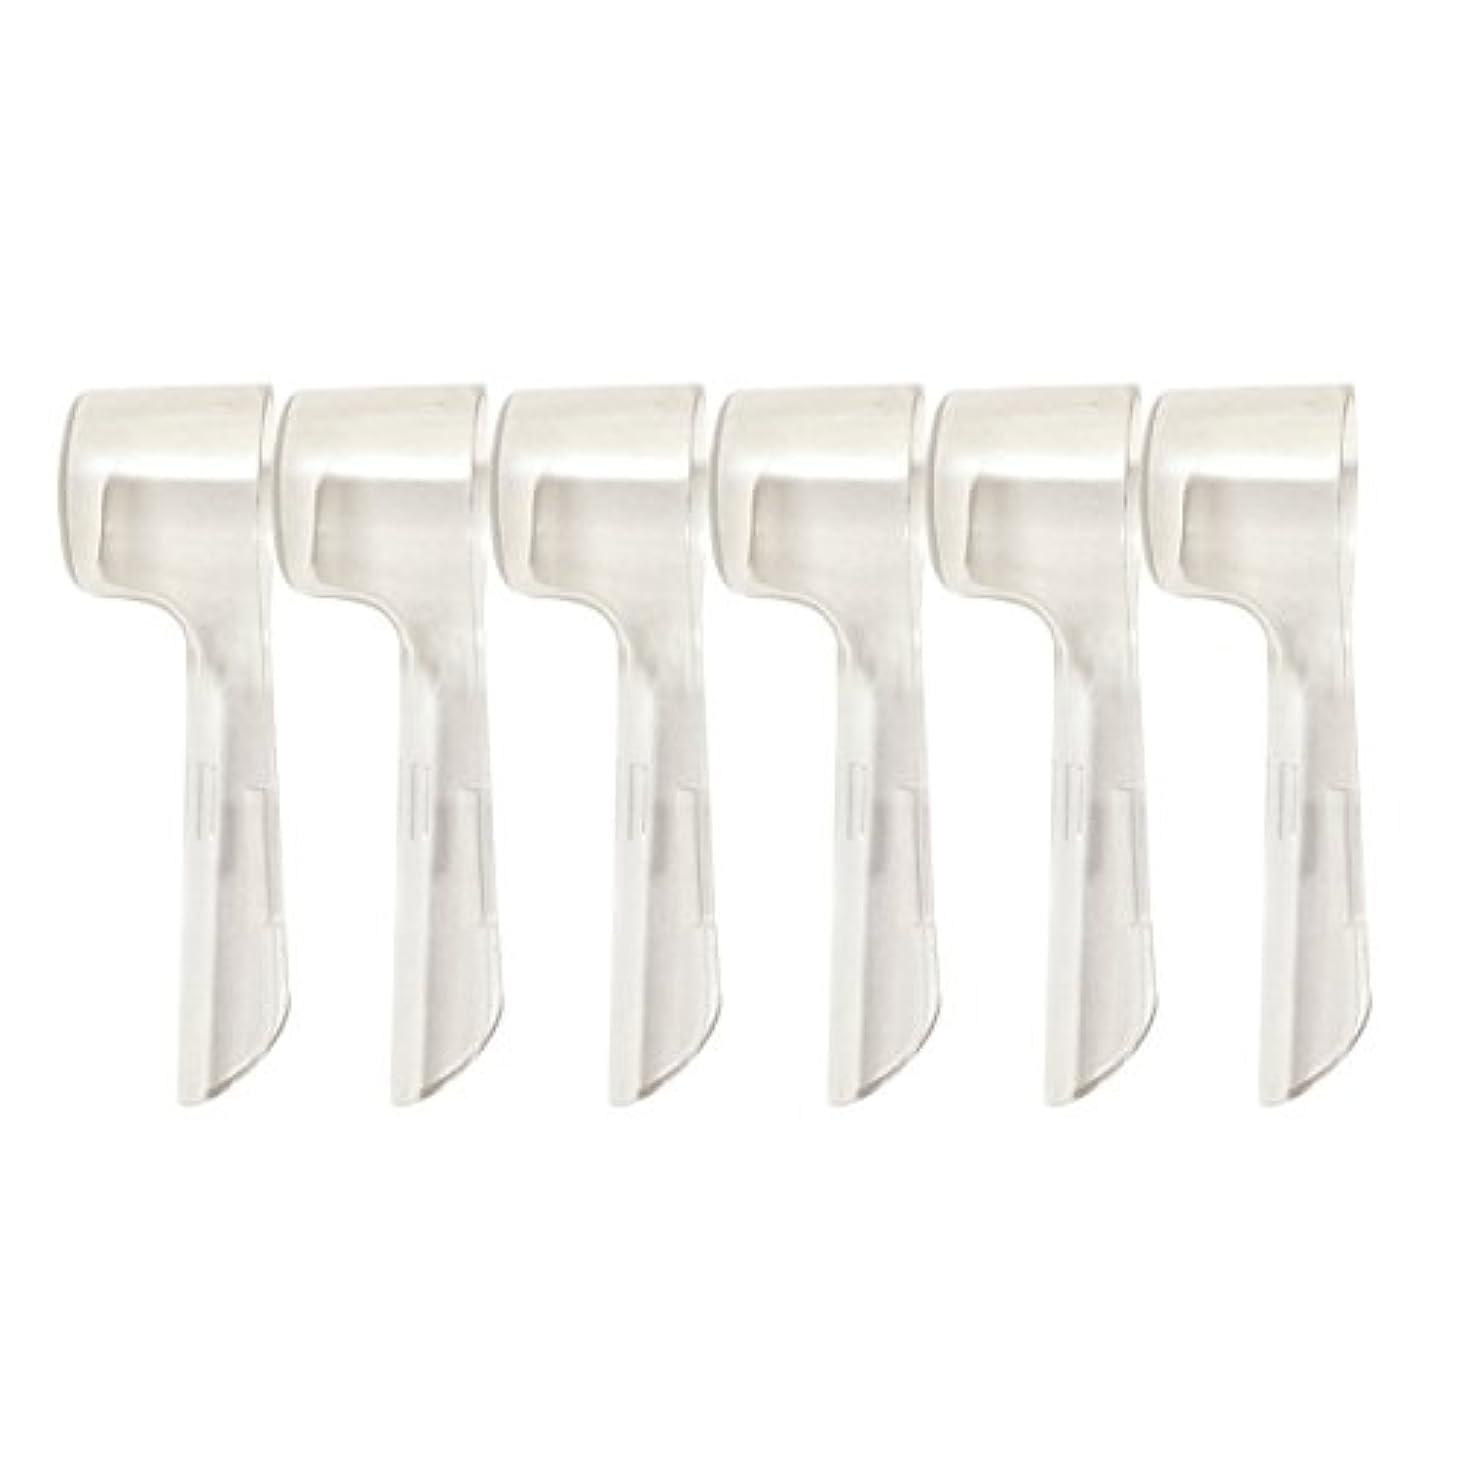 ヘロイン緑折り目SUPVOX 旅行のために便利な電動歯ブラシのための6本の歯ブラシヘッドカバー